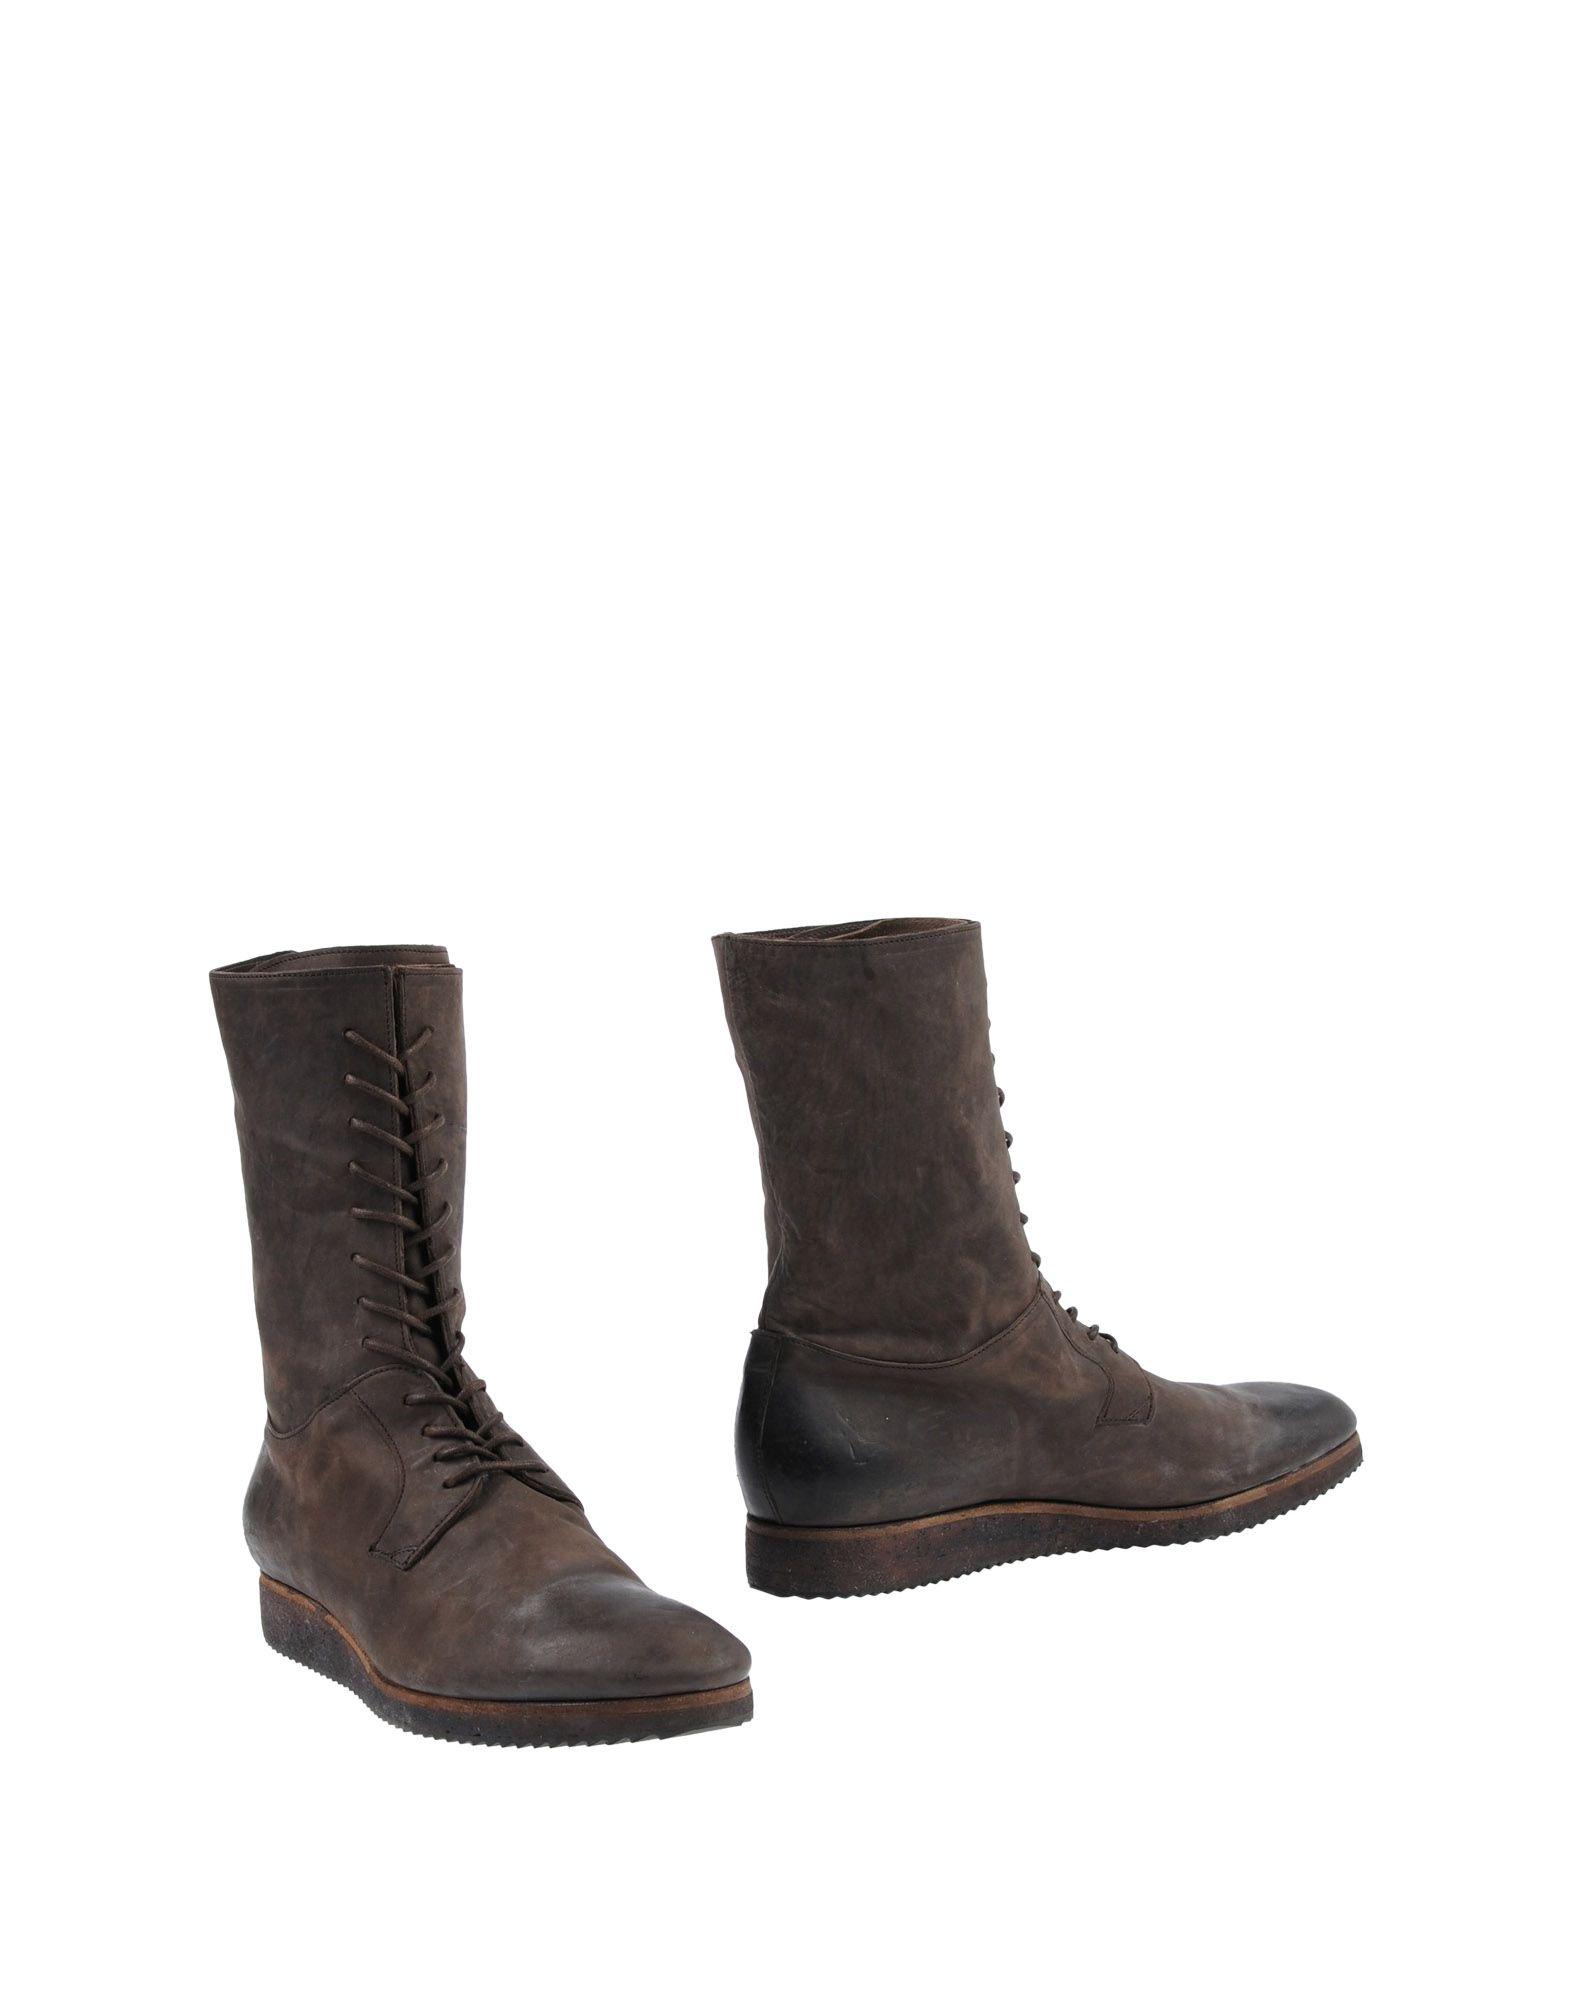 Giorgio Brato Stiefelette Herren  11461435HR Gute Qualität beliebte Schuhe